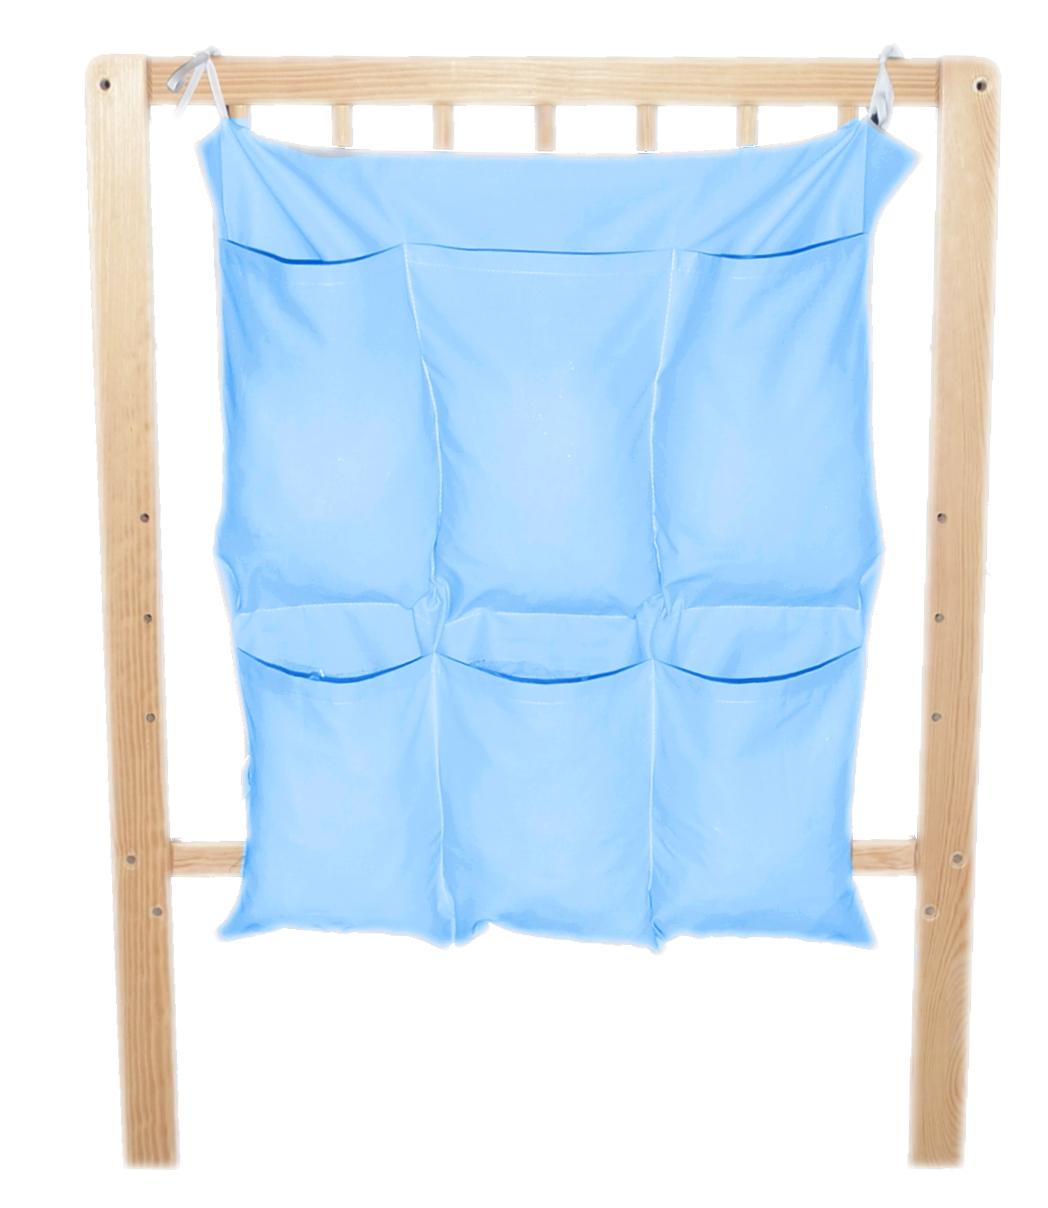 Bavlněný kapsář na postýlku - jednobarevný modrý (BB7)